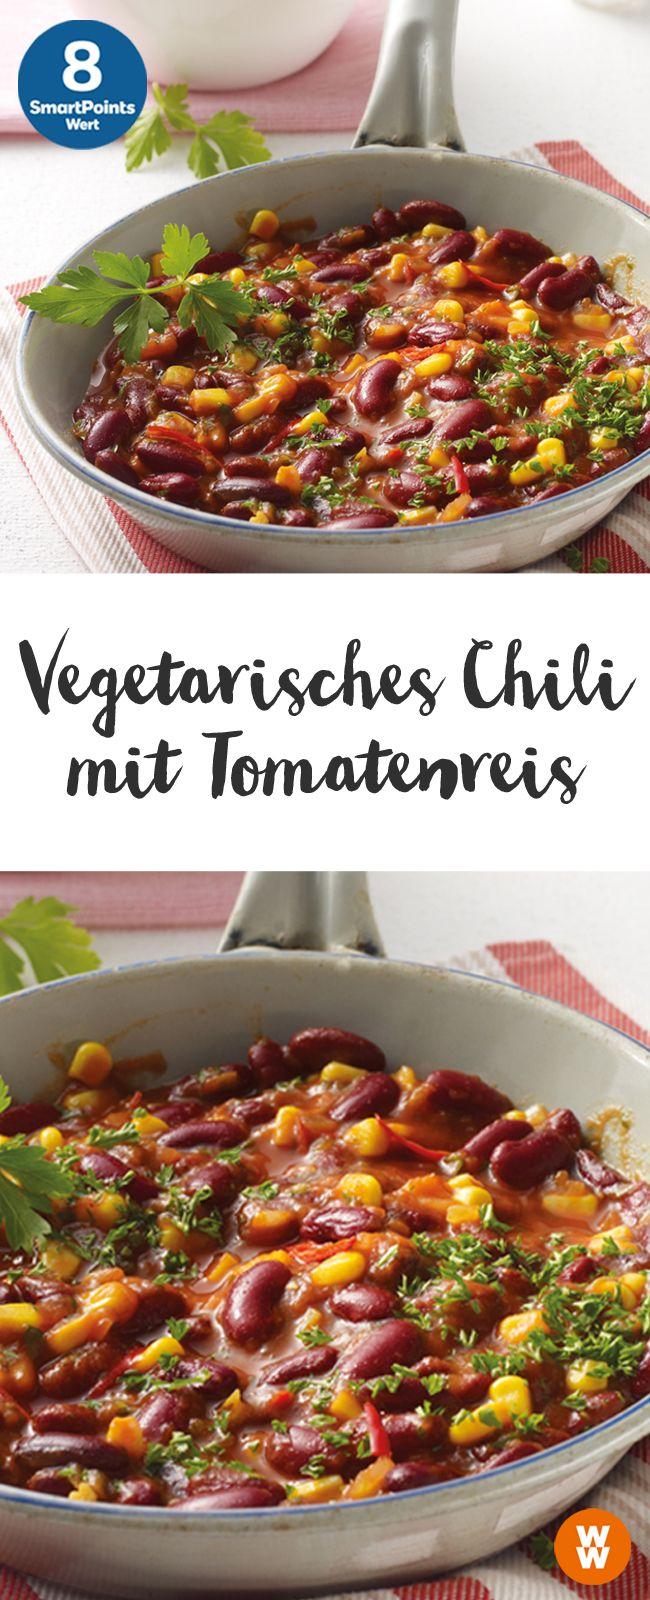 Vegetarisches Chili Mit Tomatenreis Rezept Veggieköchin